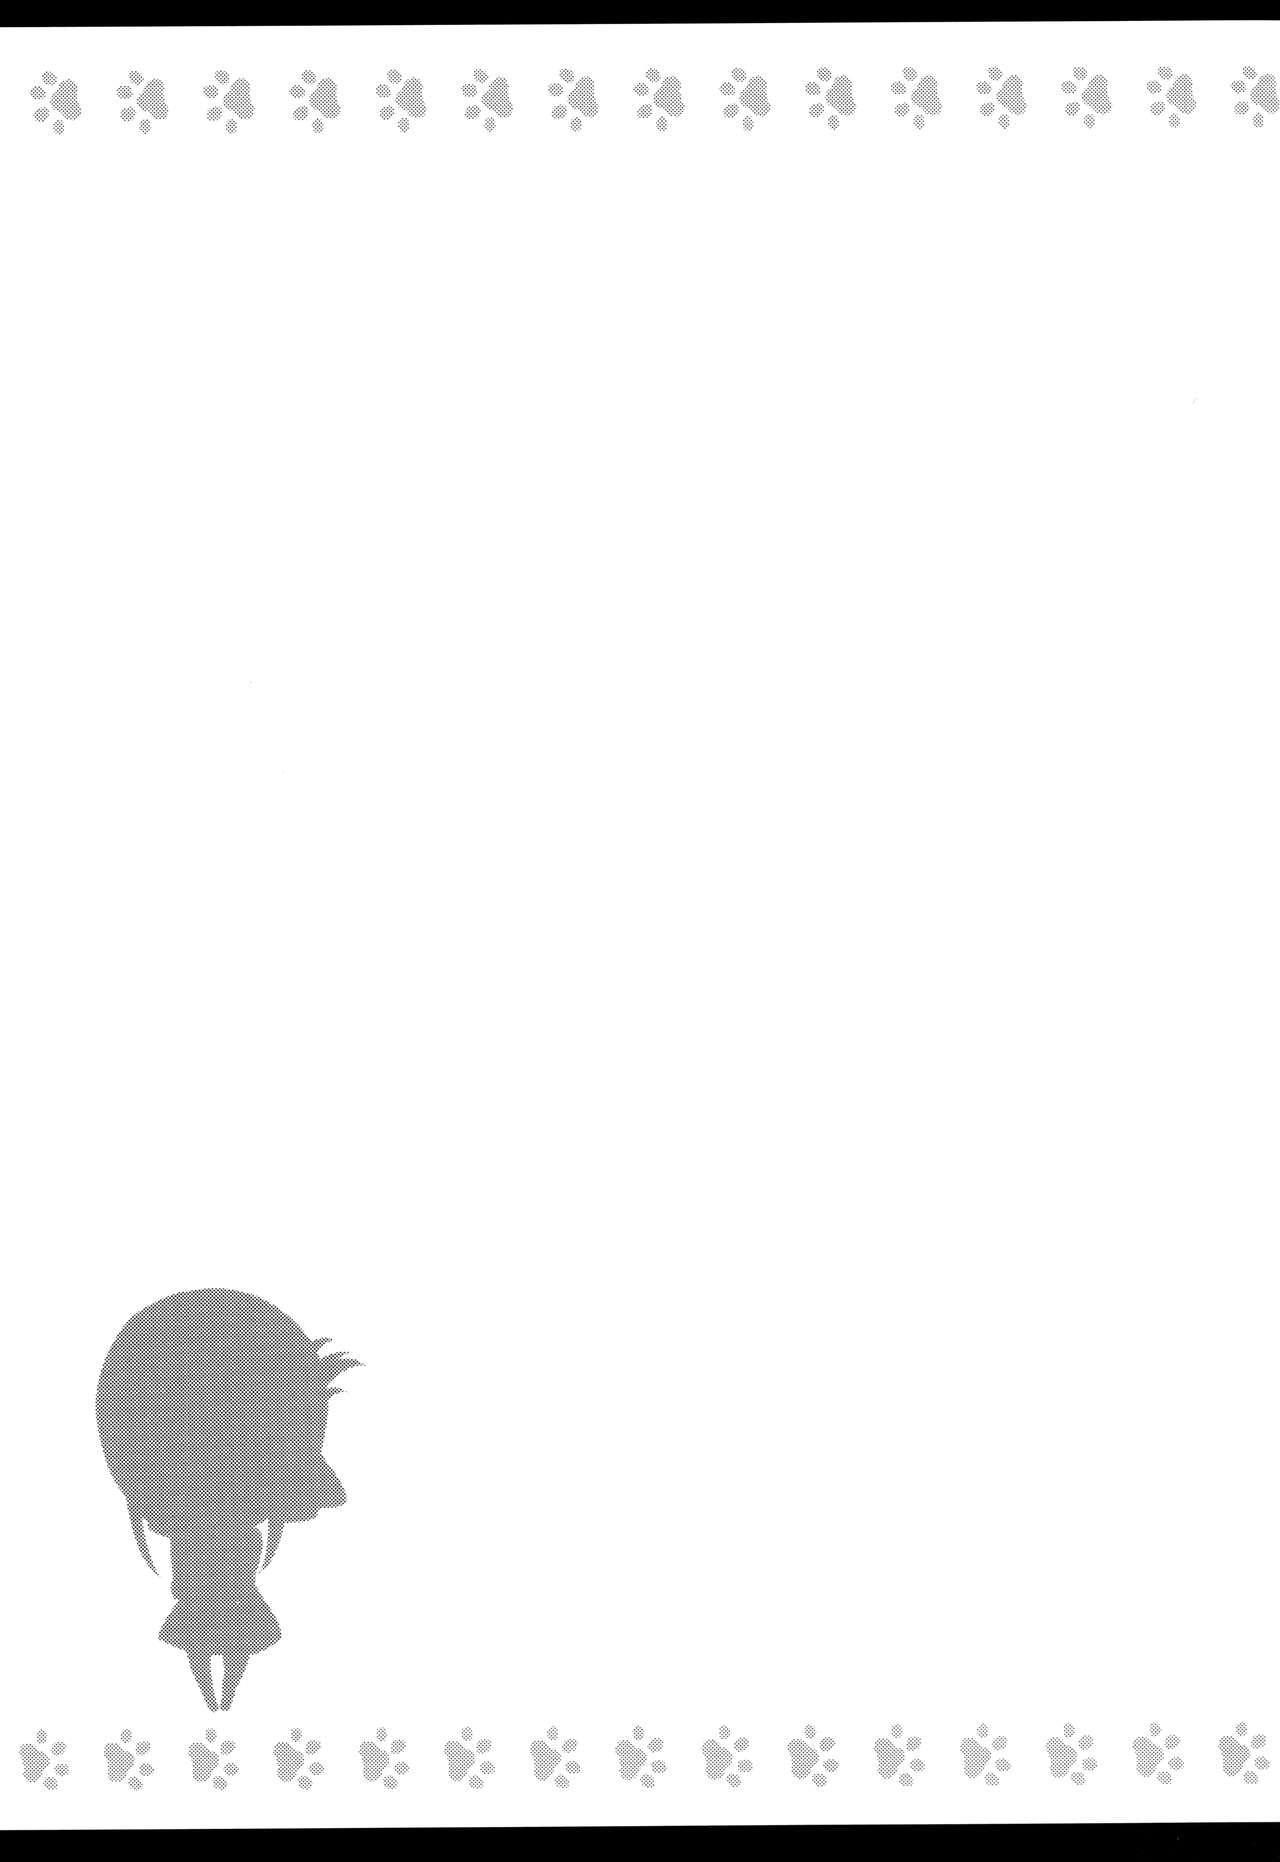 [Neko wa Manma ga Utsukushii (Hisasi)] Kaguya-sama no Enmusubi | Kaguya-sama's Matchmaking Charm (Kaguya-sama wa Kokurasetai) [English] [Zaibatsu] 25